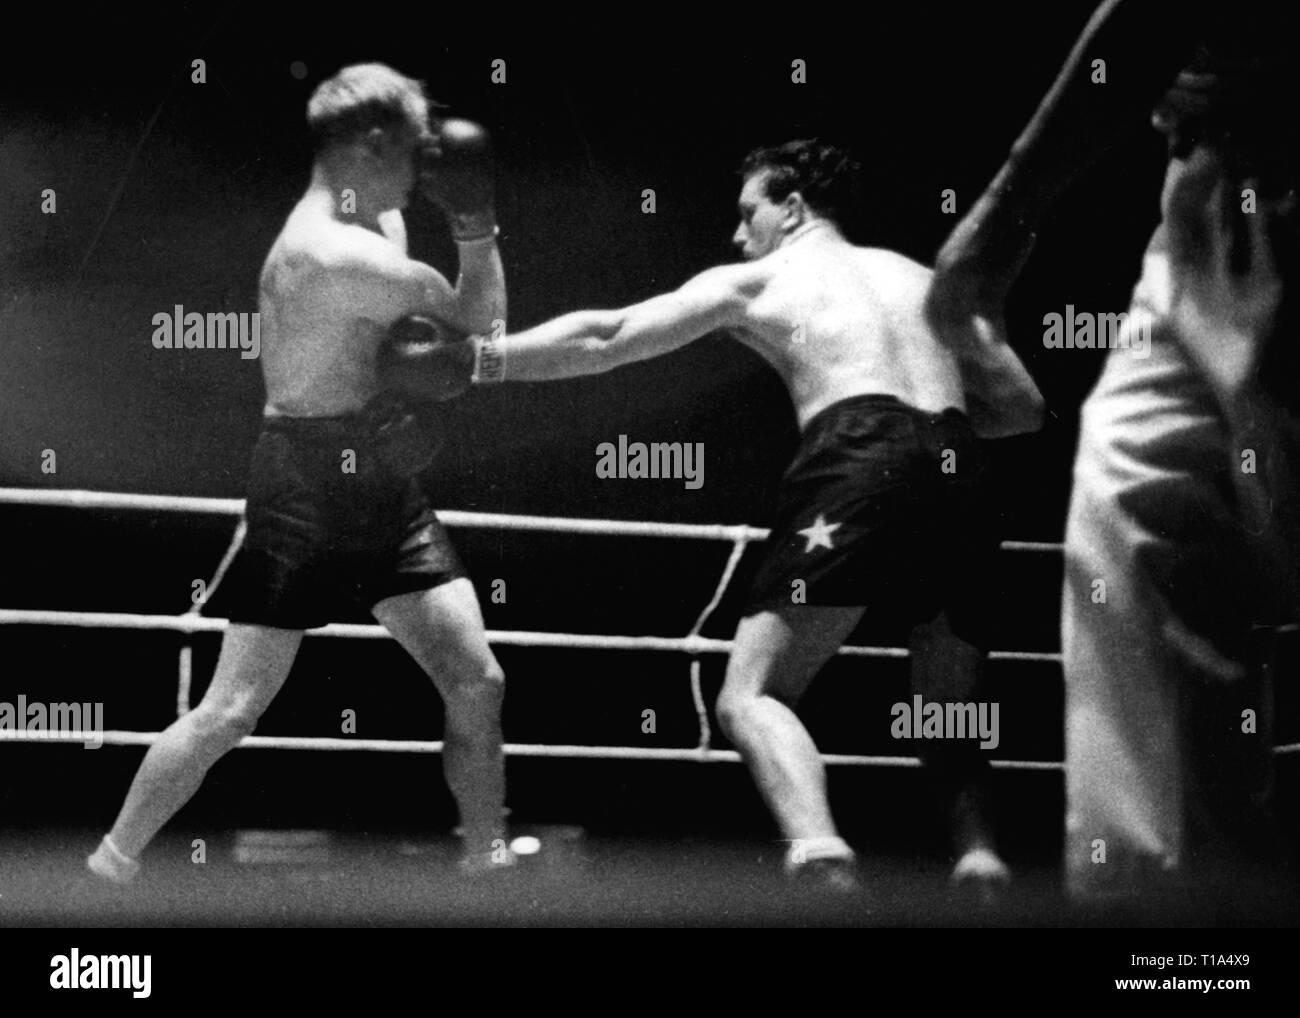 Sport, pugilato, incontro di pugilato Gustave Roth (Belgio) contro Jupp Besselmann (Germania), Roth terre un colpo, Sportpalast, Berlino, 31.1.1938, Additional-Rights-Clearance-Info-Not-Available Immagini Stock